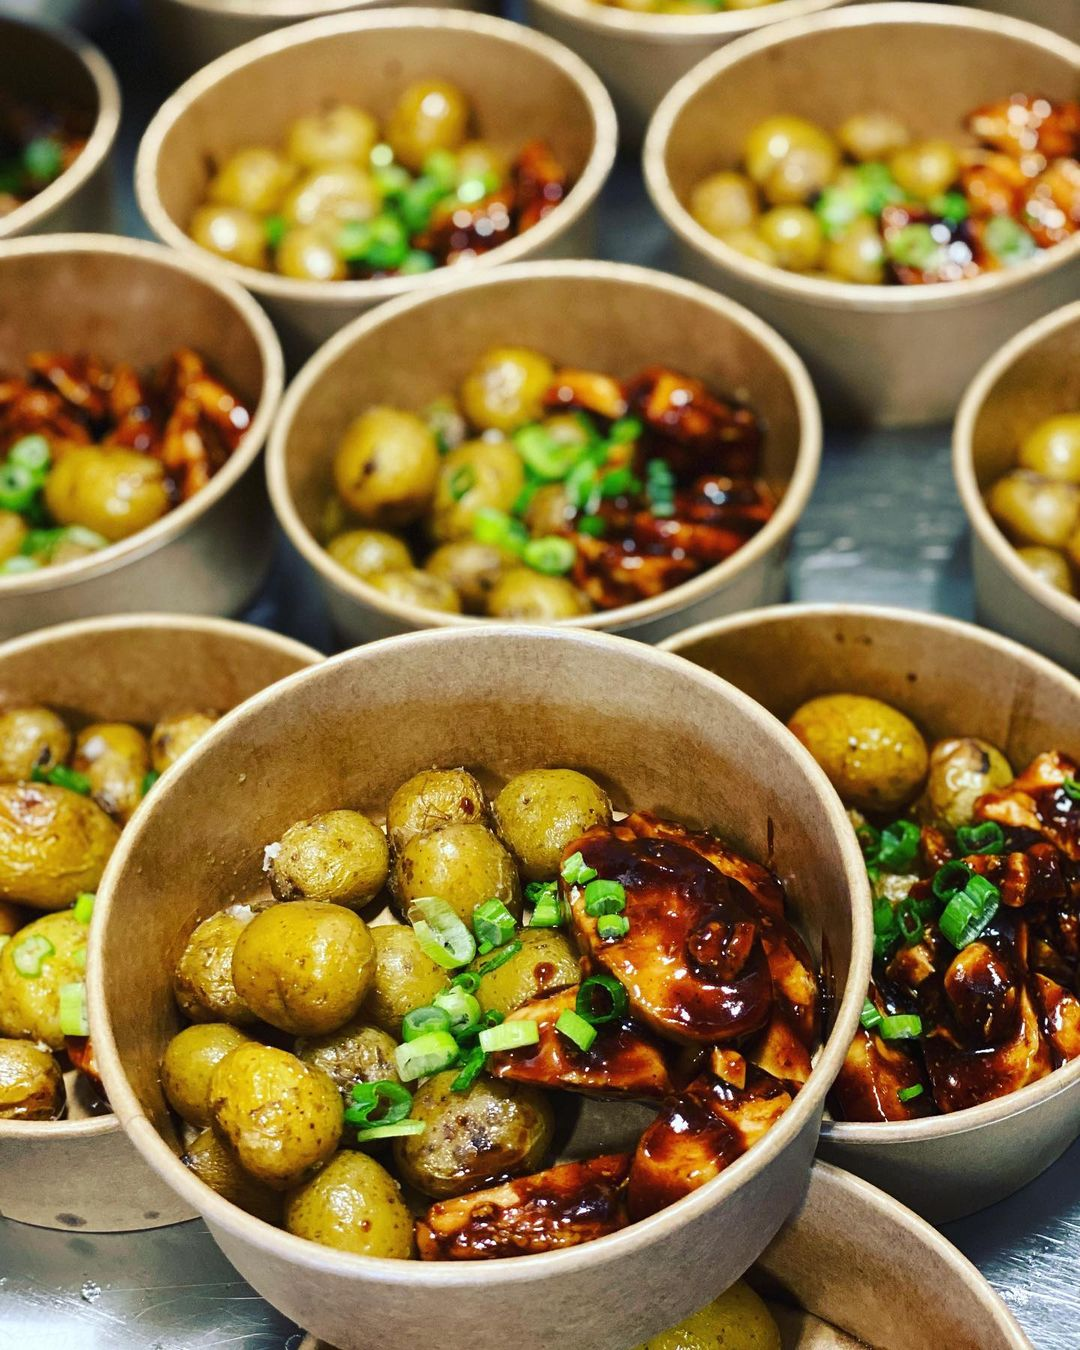 Veckans lunch på Ellys – lasagne, vegetarisk paj, fyllda baguetter, räkmacka, smörrebröd och sallad